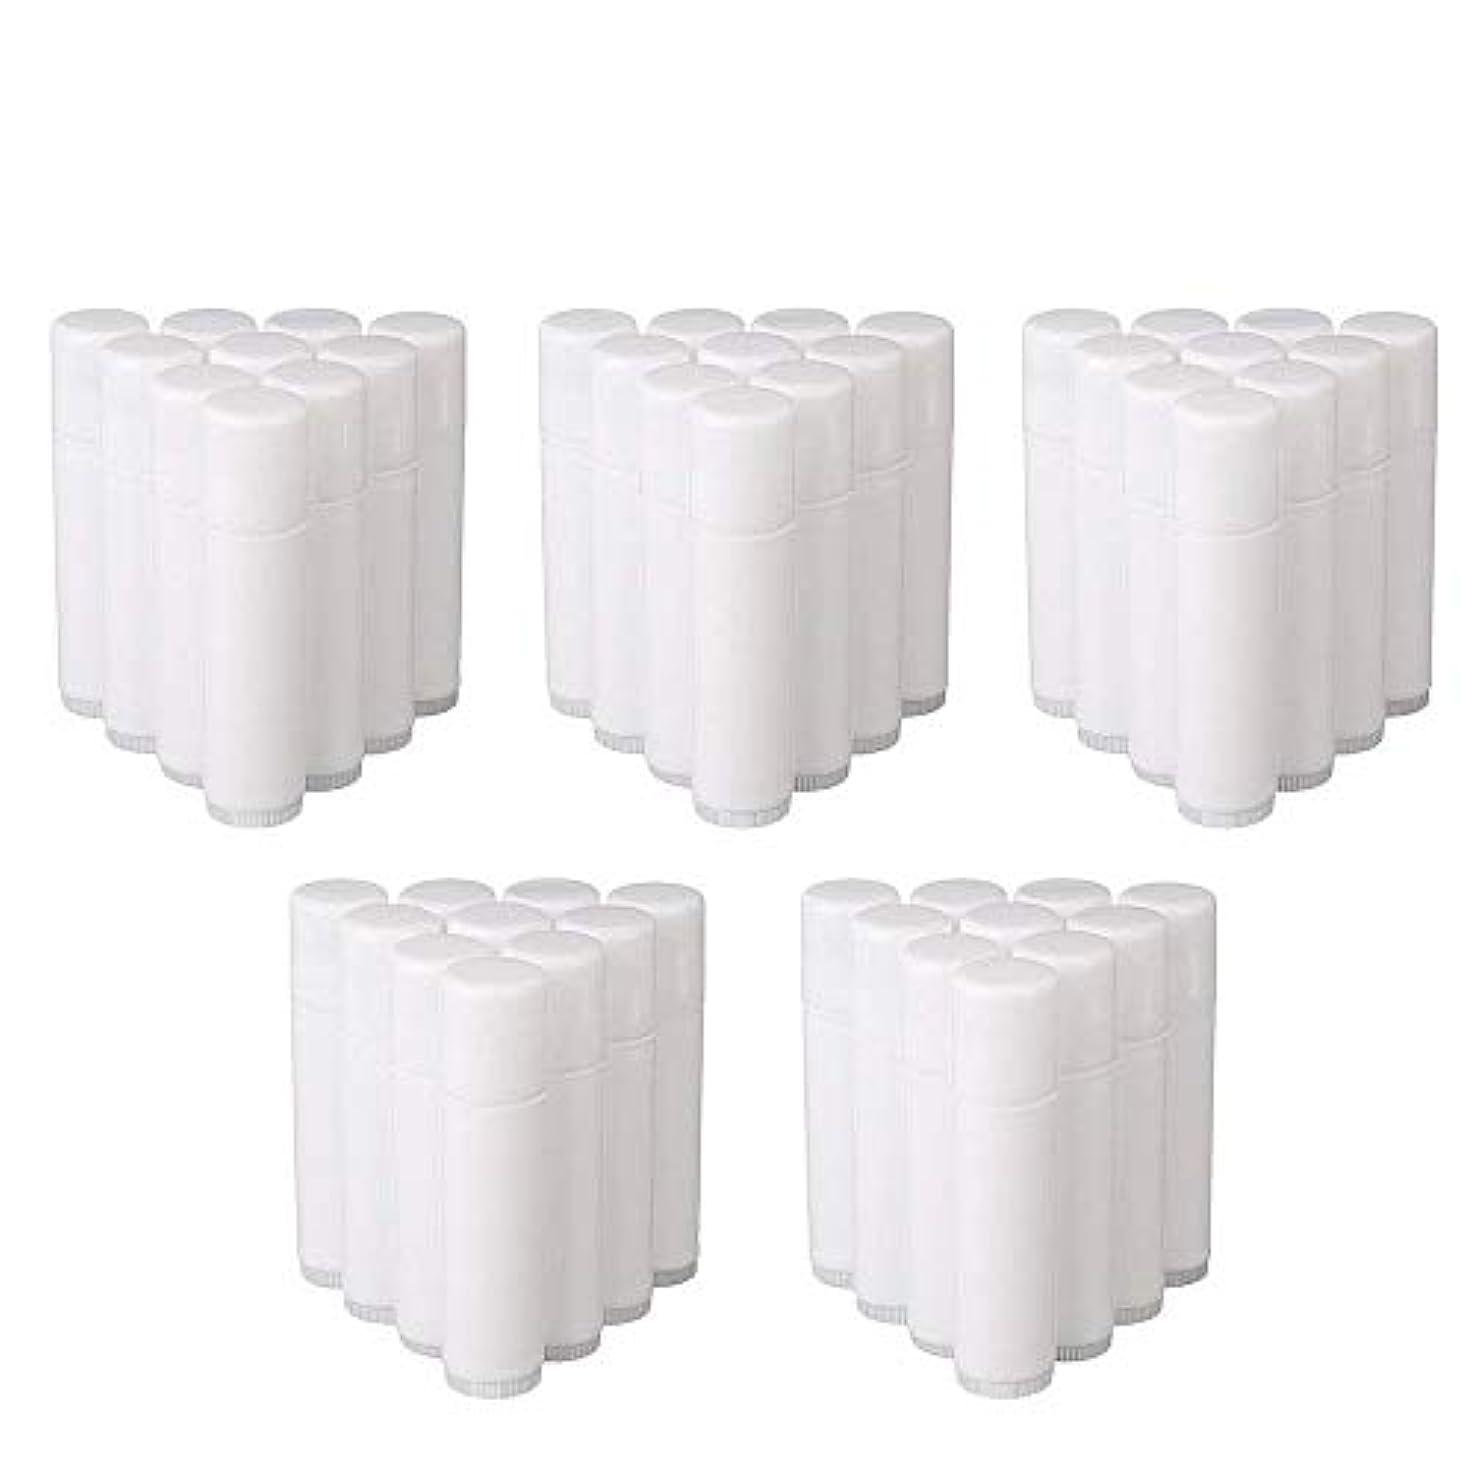 徹底的に相互溶けたCOOLBOTANG リップバームチューブ リップクリーム 繰り出し ホワイト 手作りコスメ 手作り化粧品/リップクリーム 50個 5g ミニ 詰め替え容器